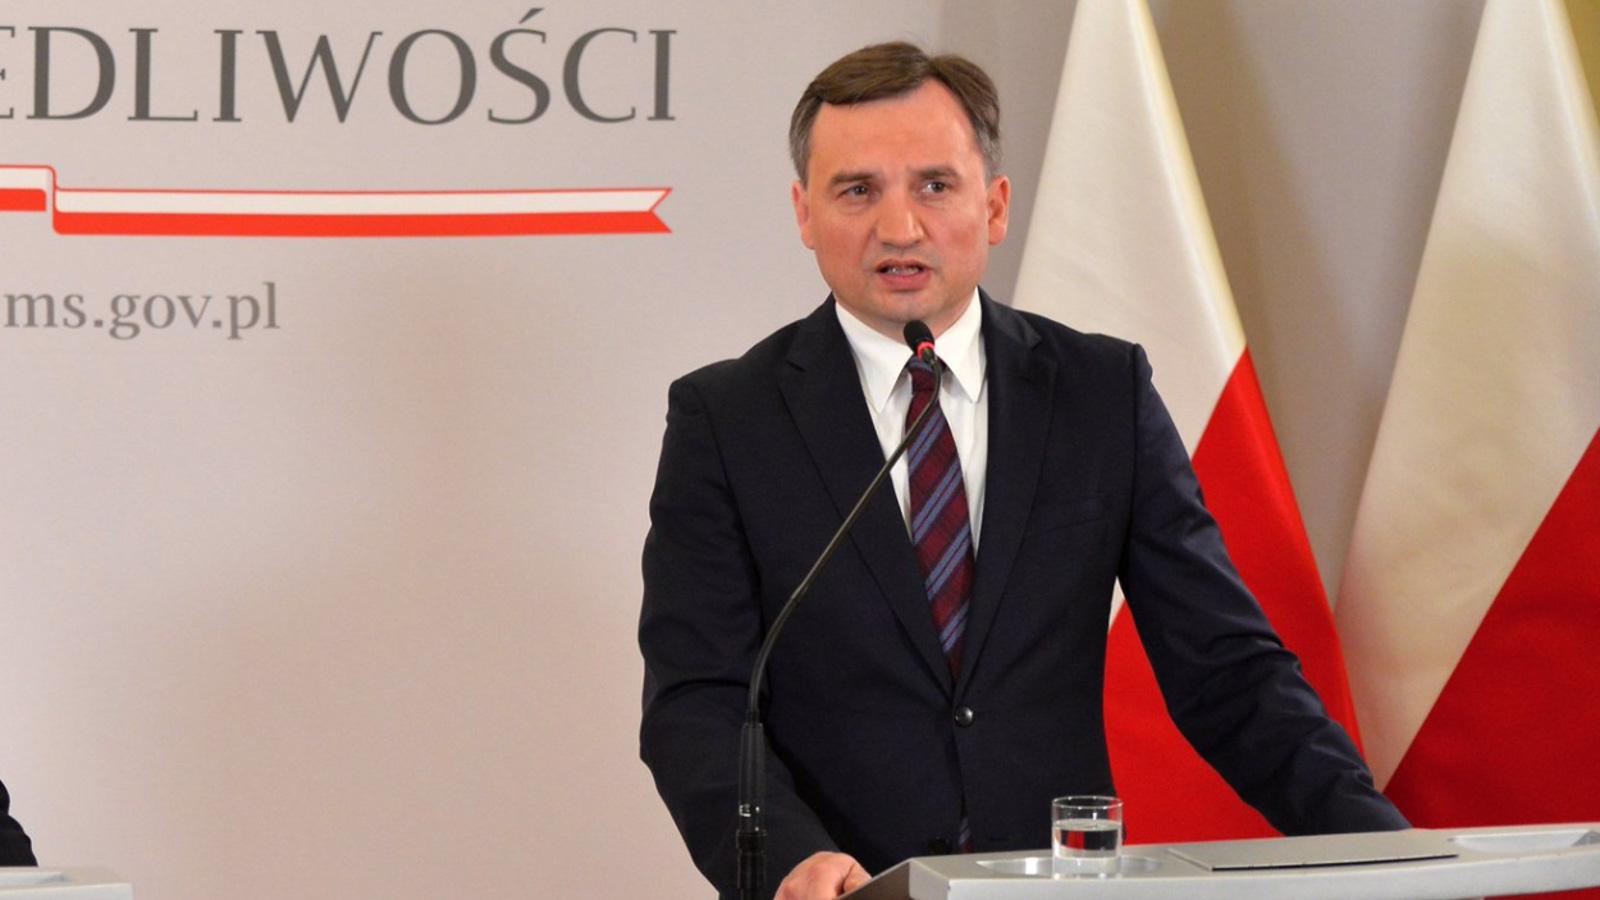 Zbigniew Ziobro jedynka województwo świętokrzyskie